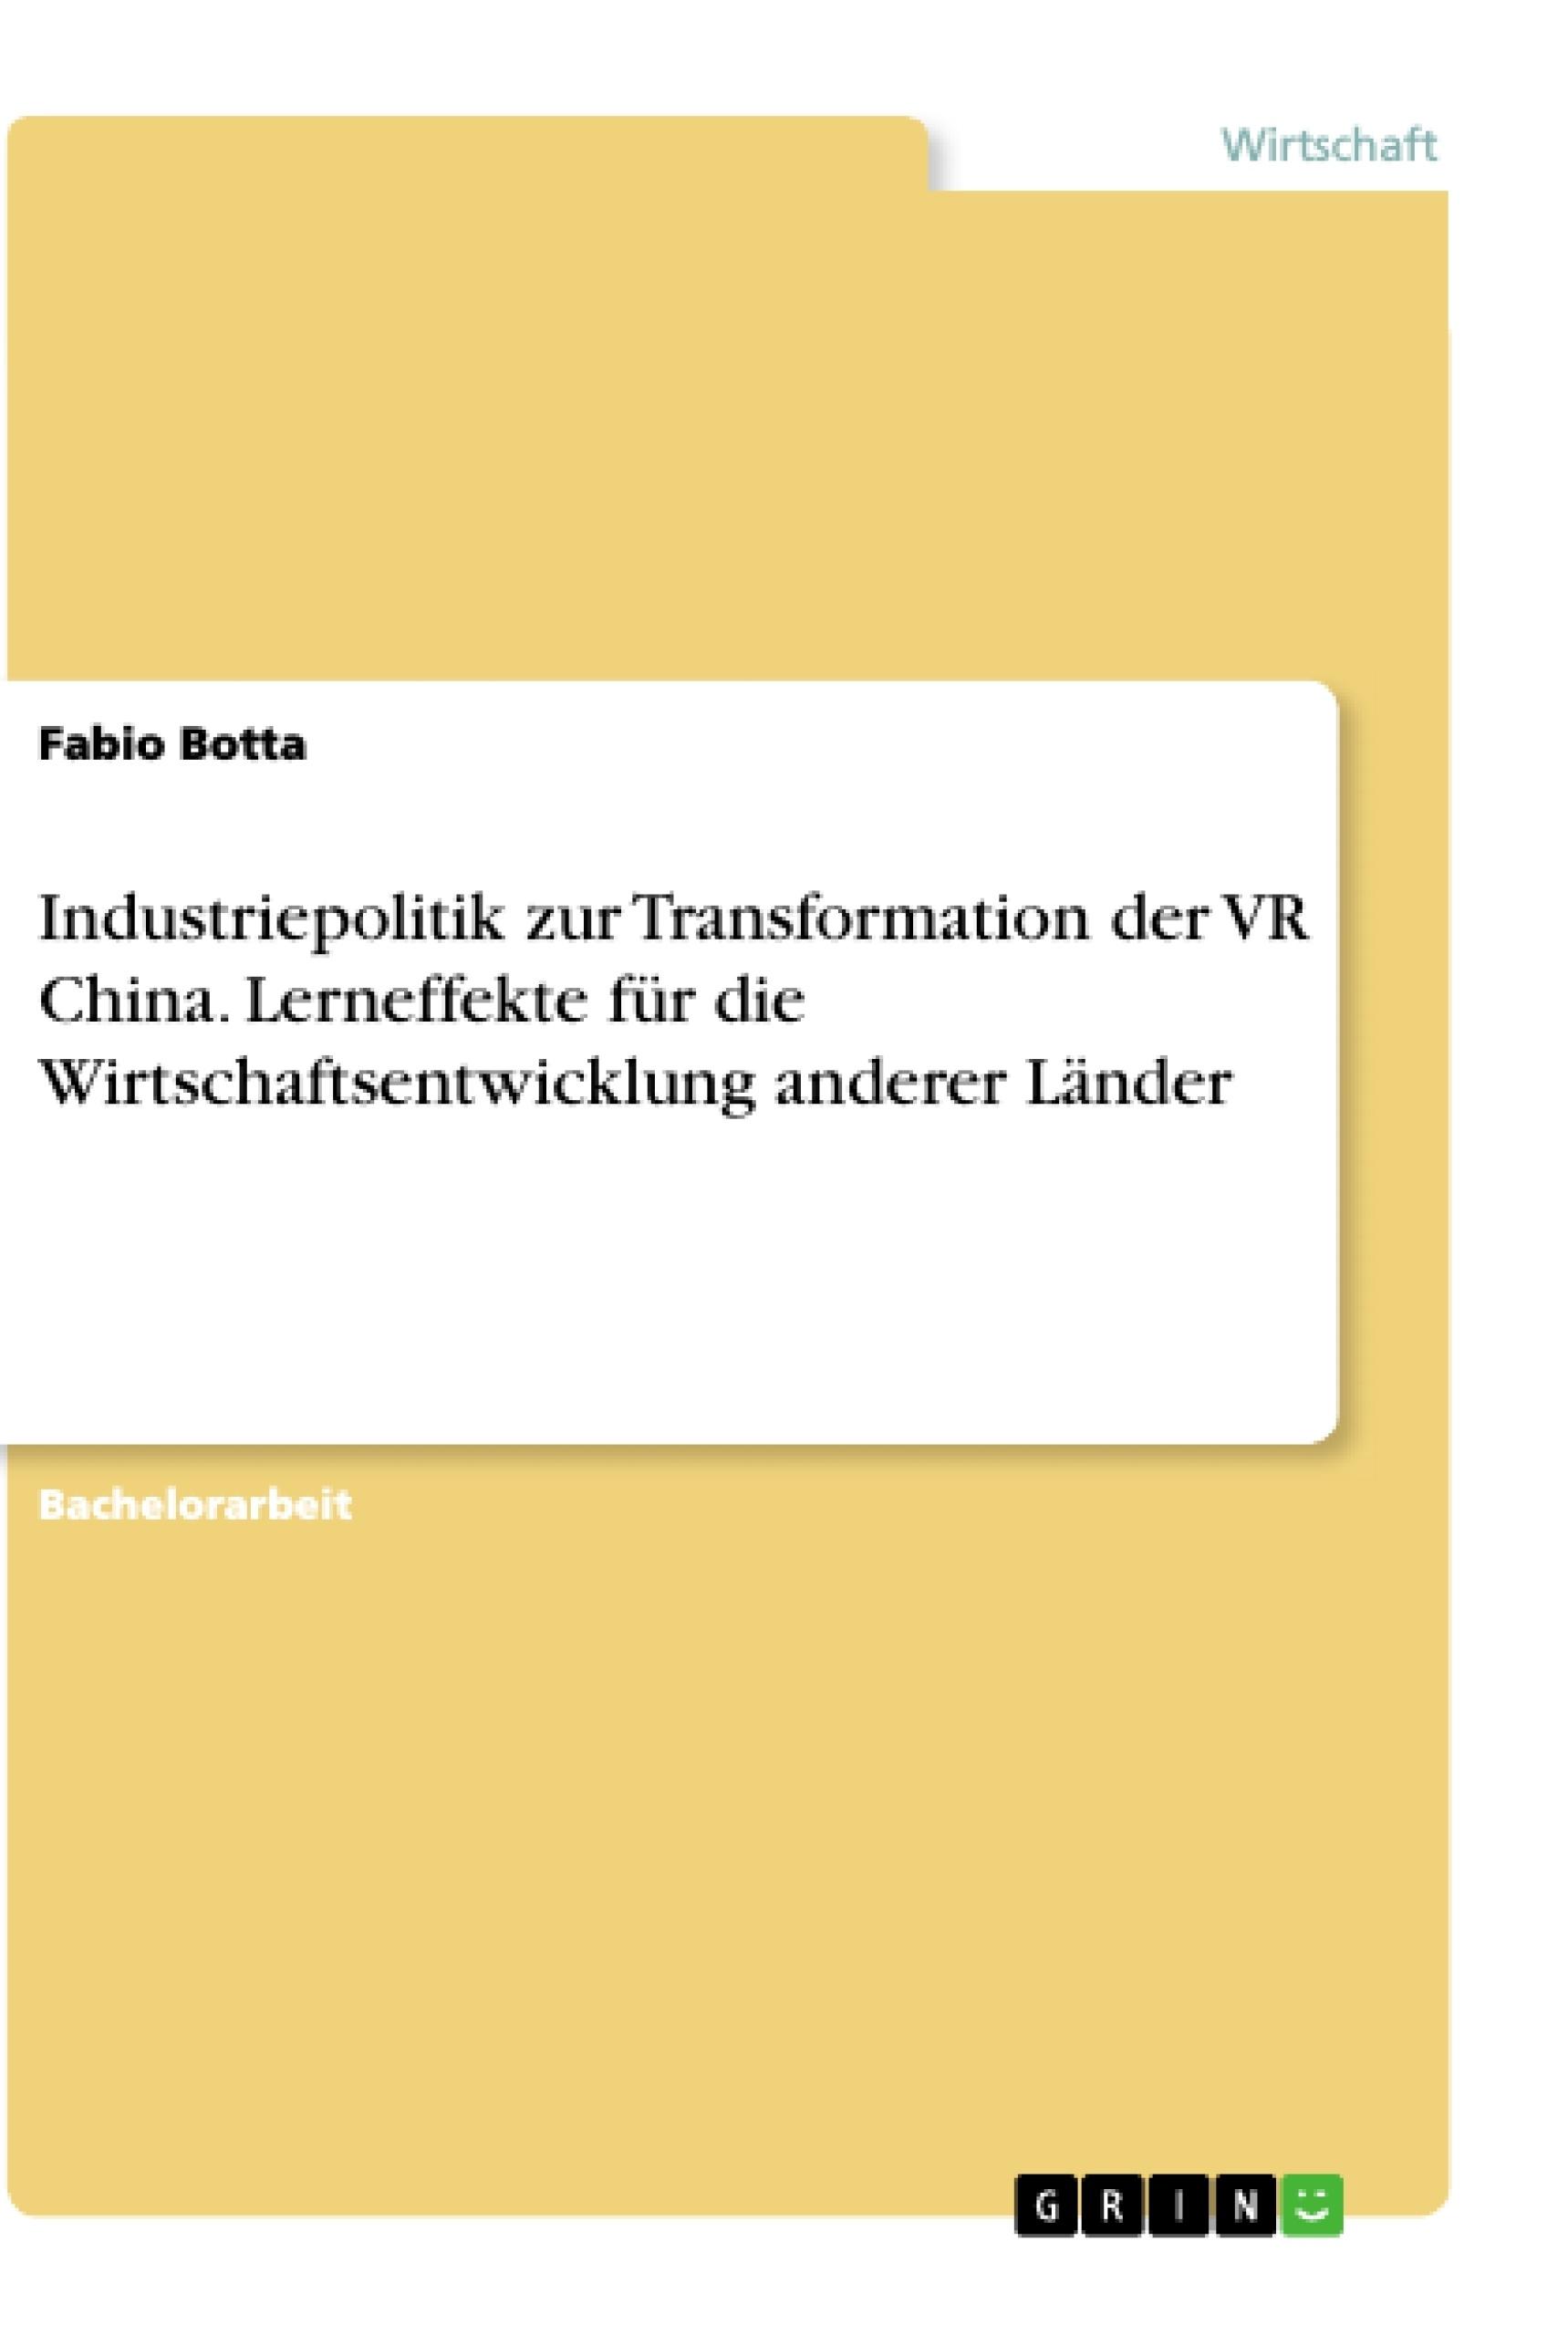 Titel: Industriepolitik zur Transformation der VR China. Lerneffekte für die Wirtschaftsentwicklung anderer Länder